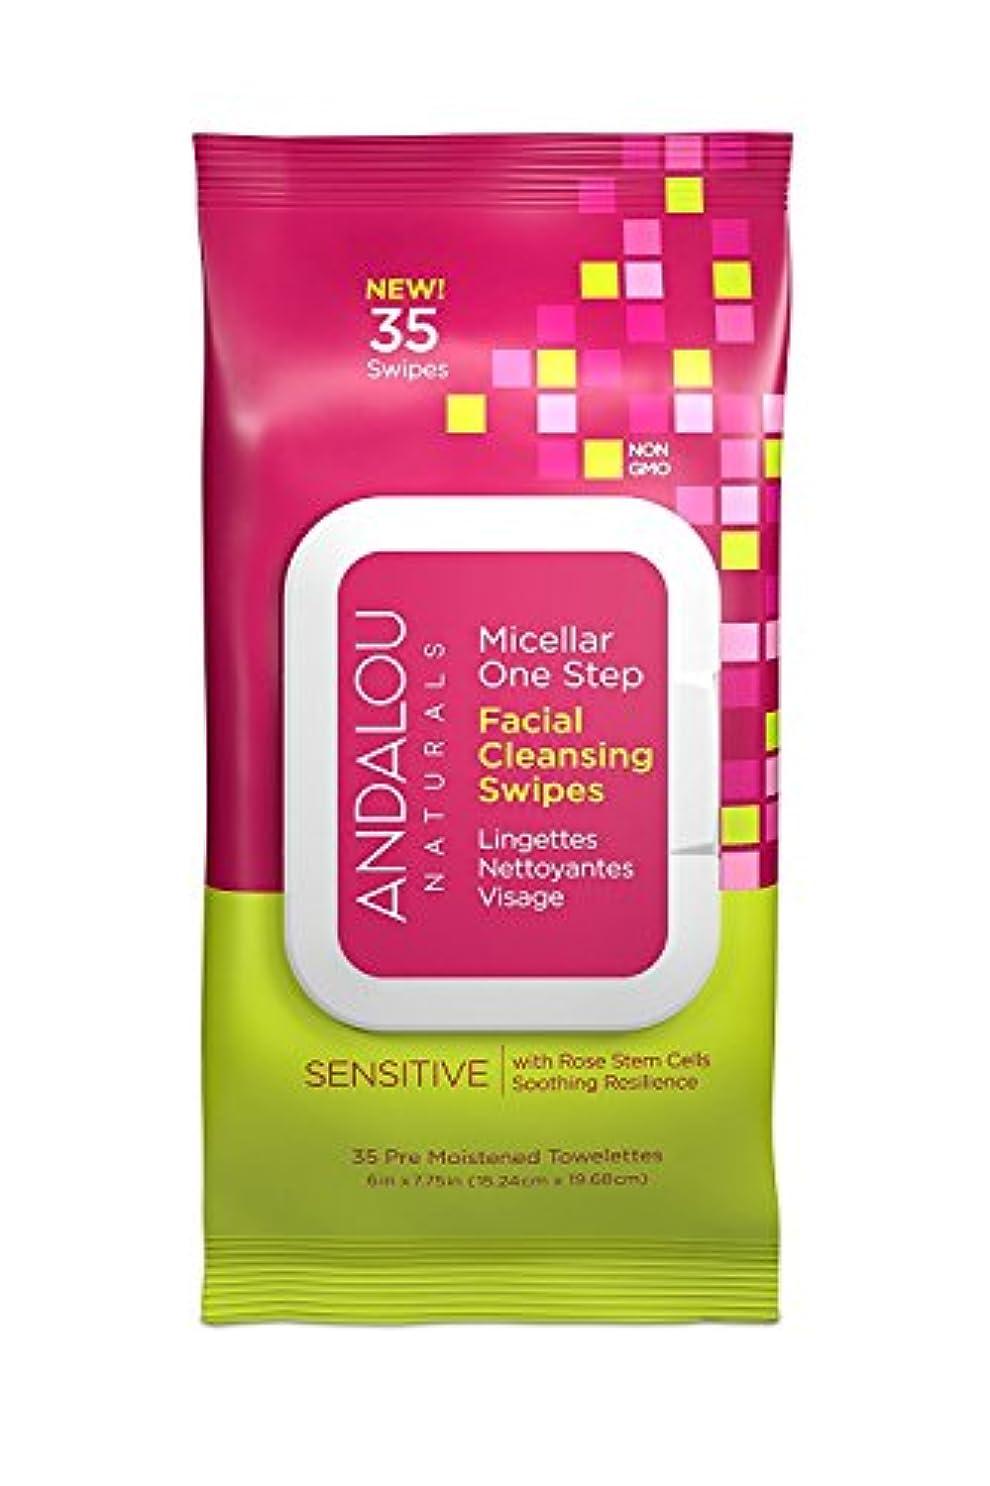 ヨーロッパとティームふくろうオーガニック ボタニカル クレンジングシート 洗顔シート ナチュラル フルーツ幹細胞 「 Sミセラスワイプ 35枚入り 」 ANDALOU naturals アンダルー ナチュラルズ